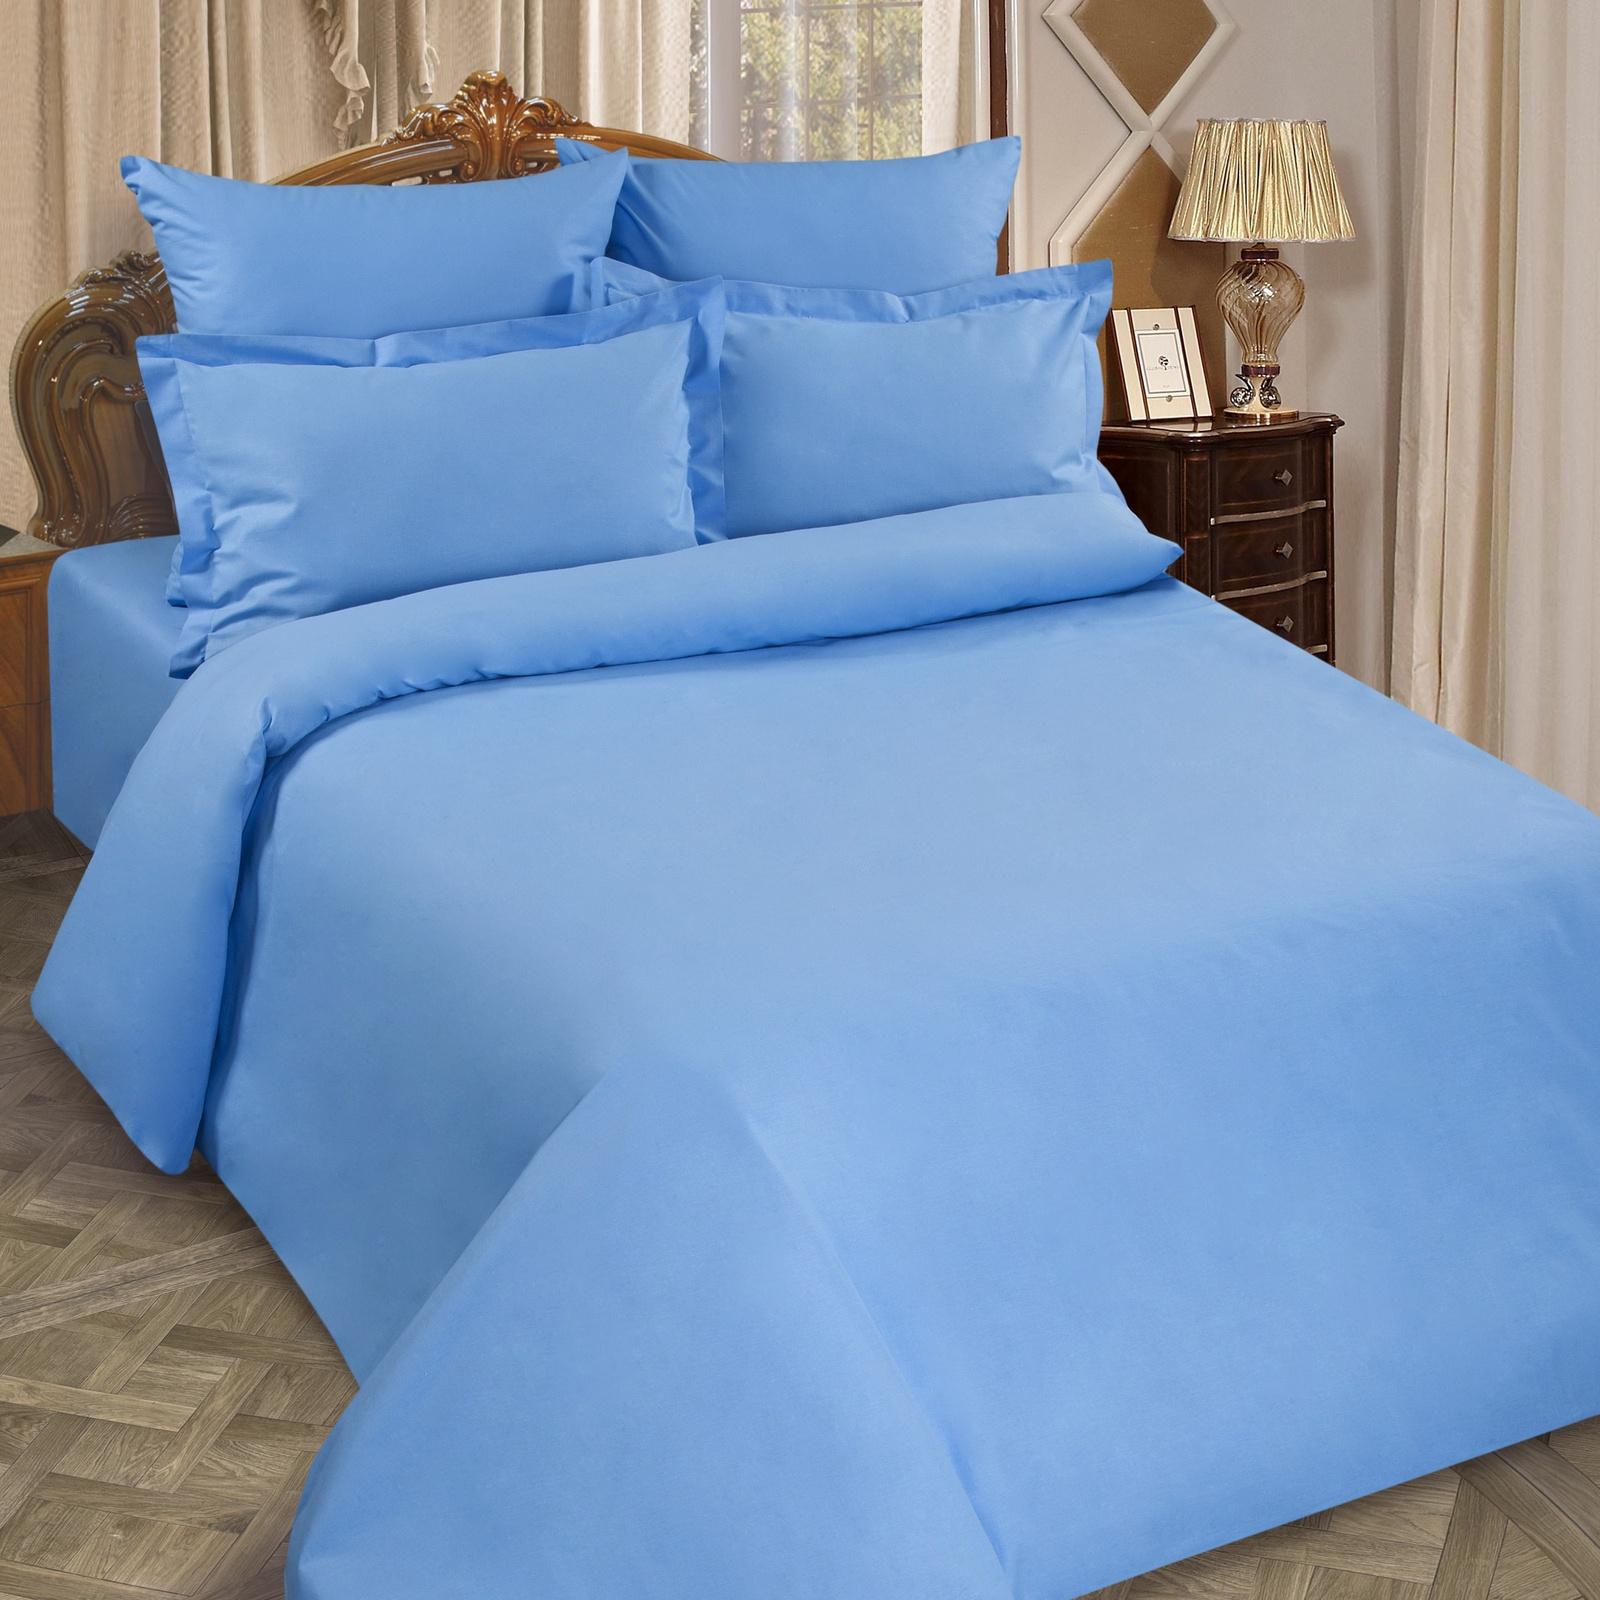 Простыня Традиция Рейнбоу, для сна и отдыха, 1355/Аквамарин, синий